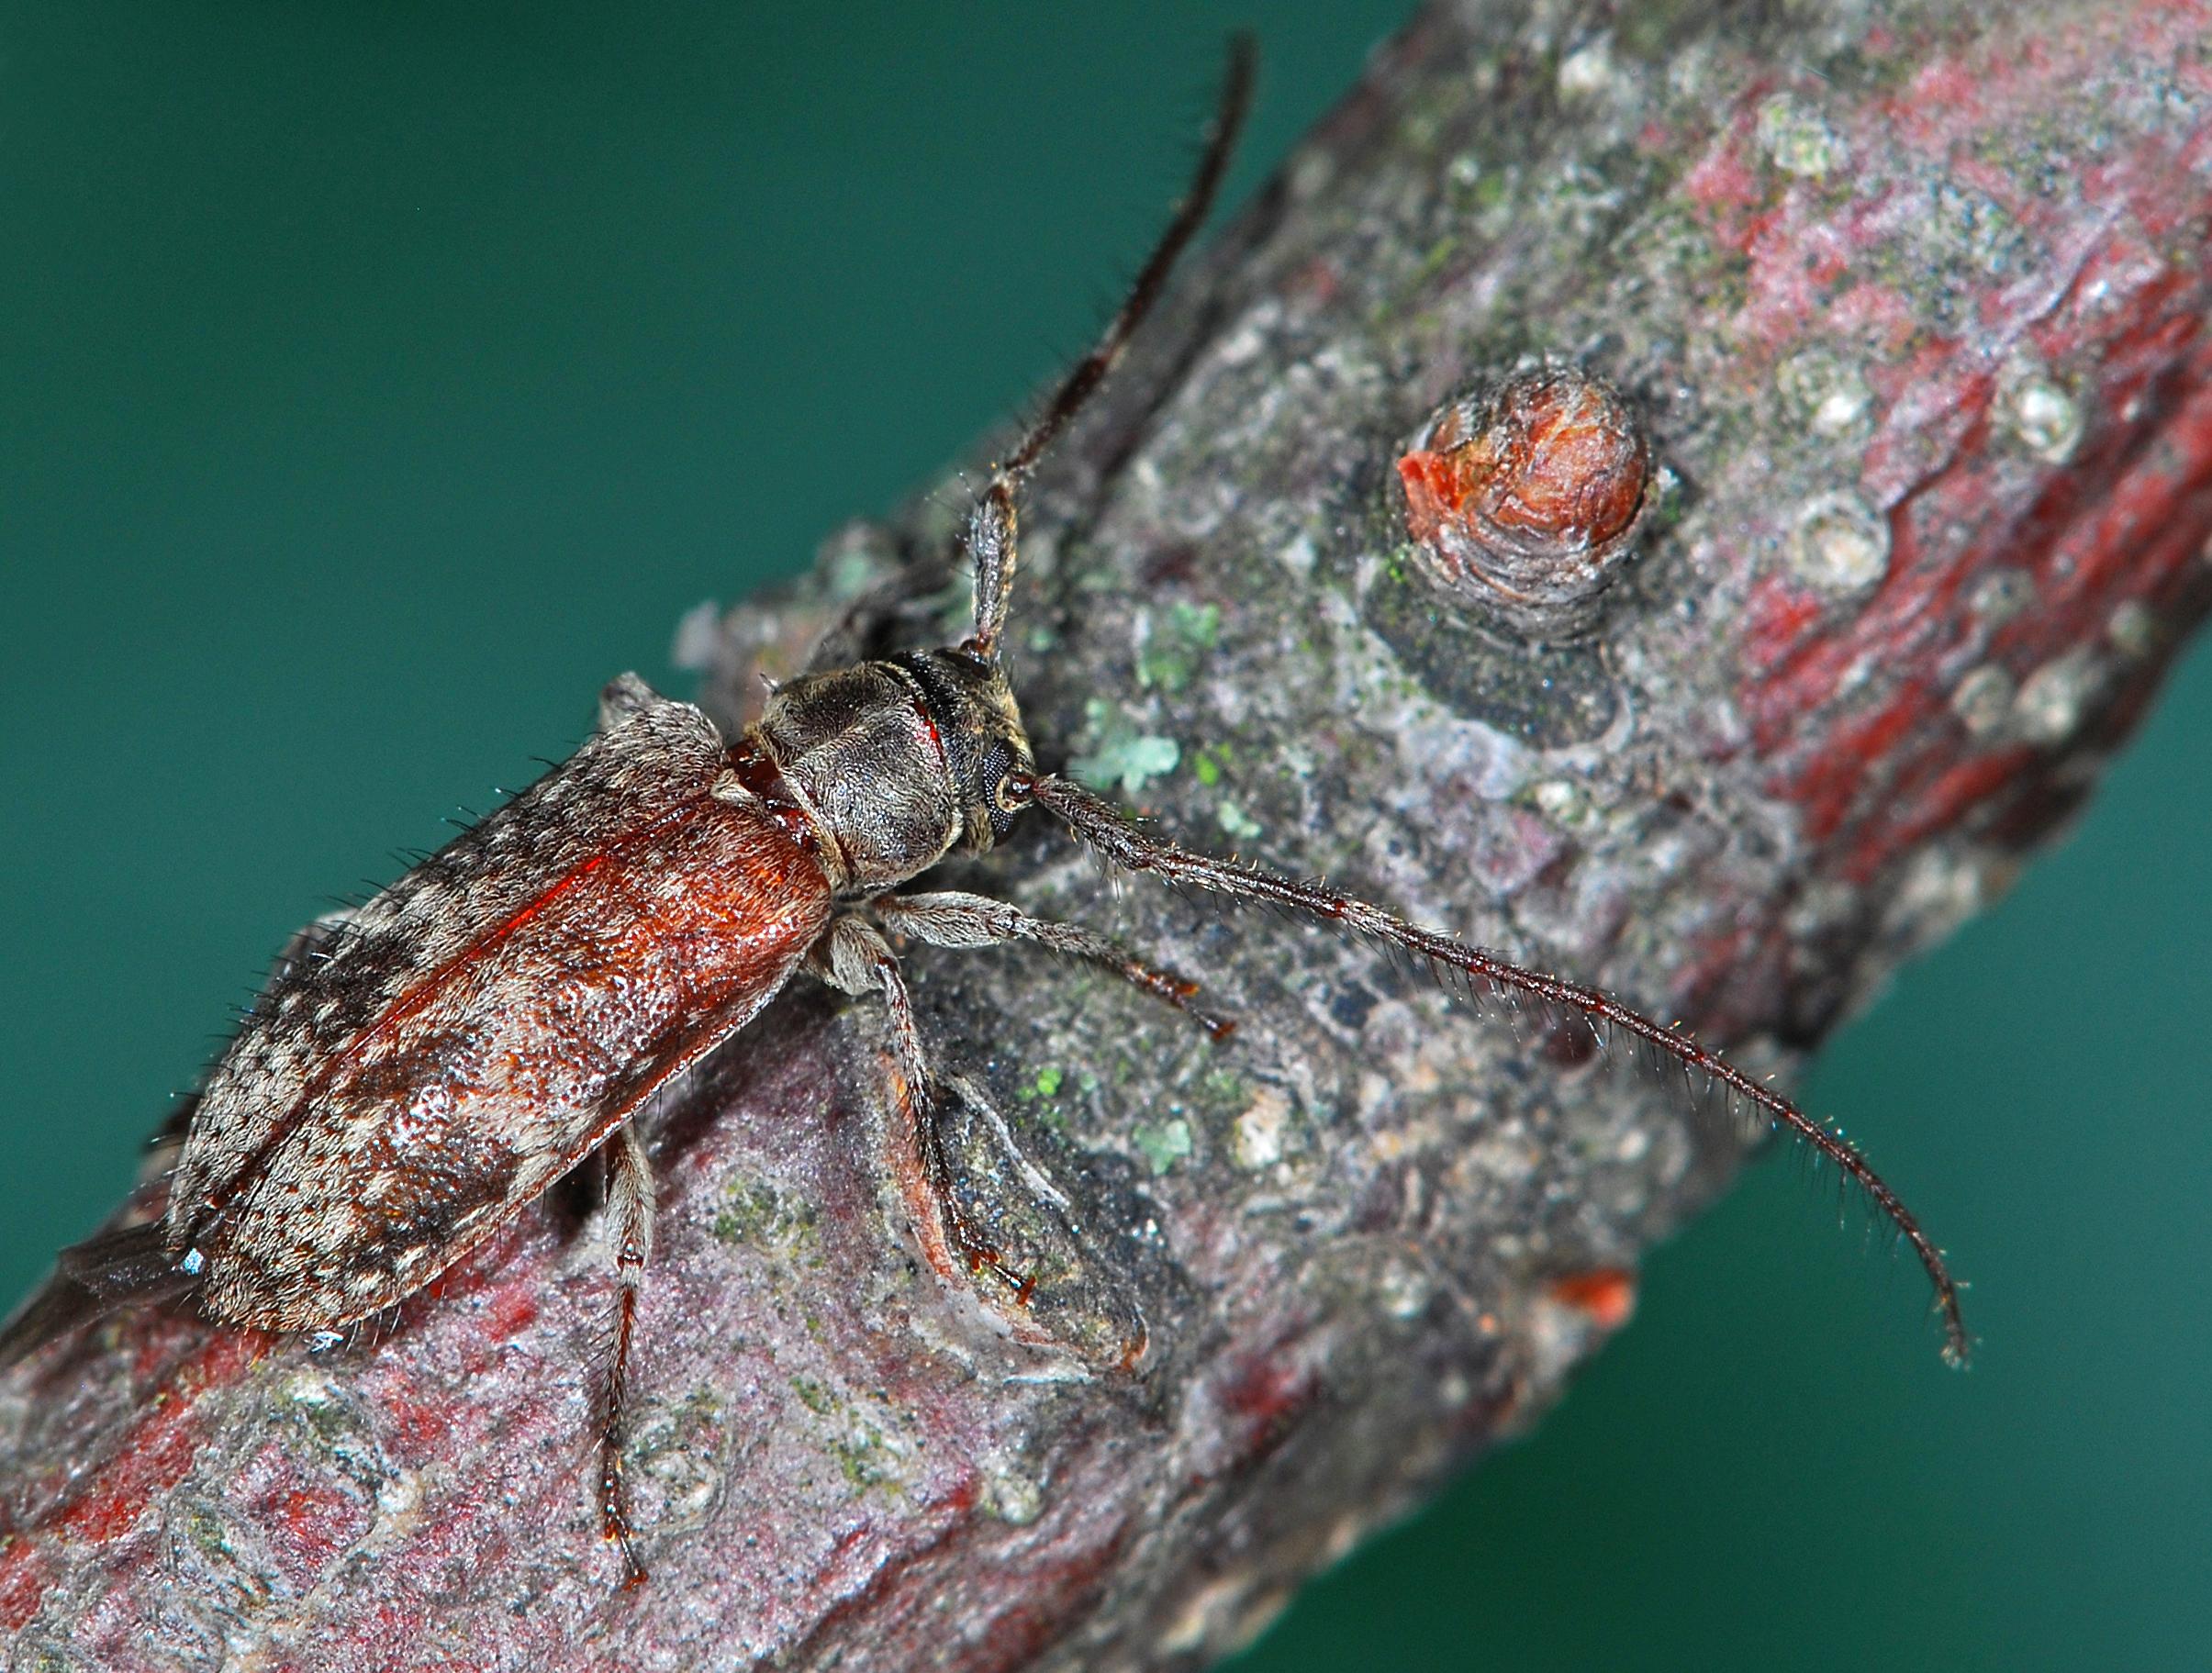 72. Entomologentagung mit Insektenschau und -tausch